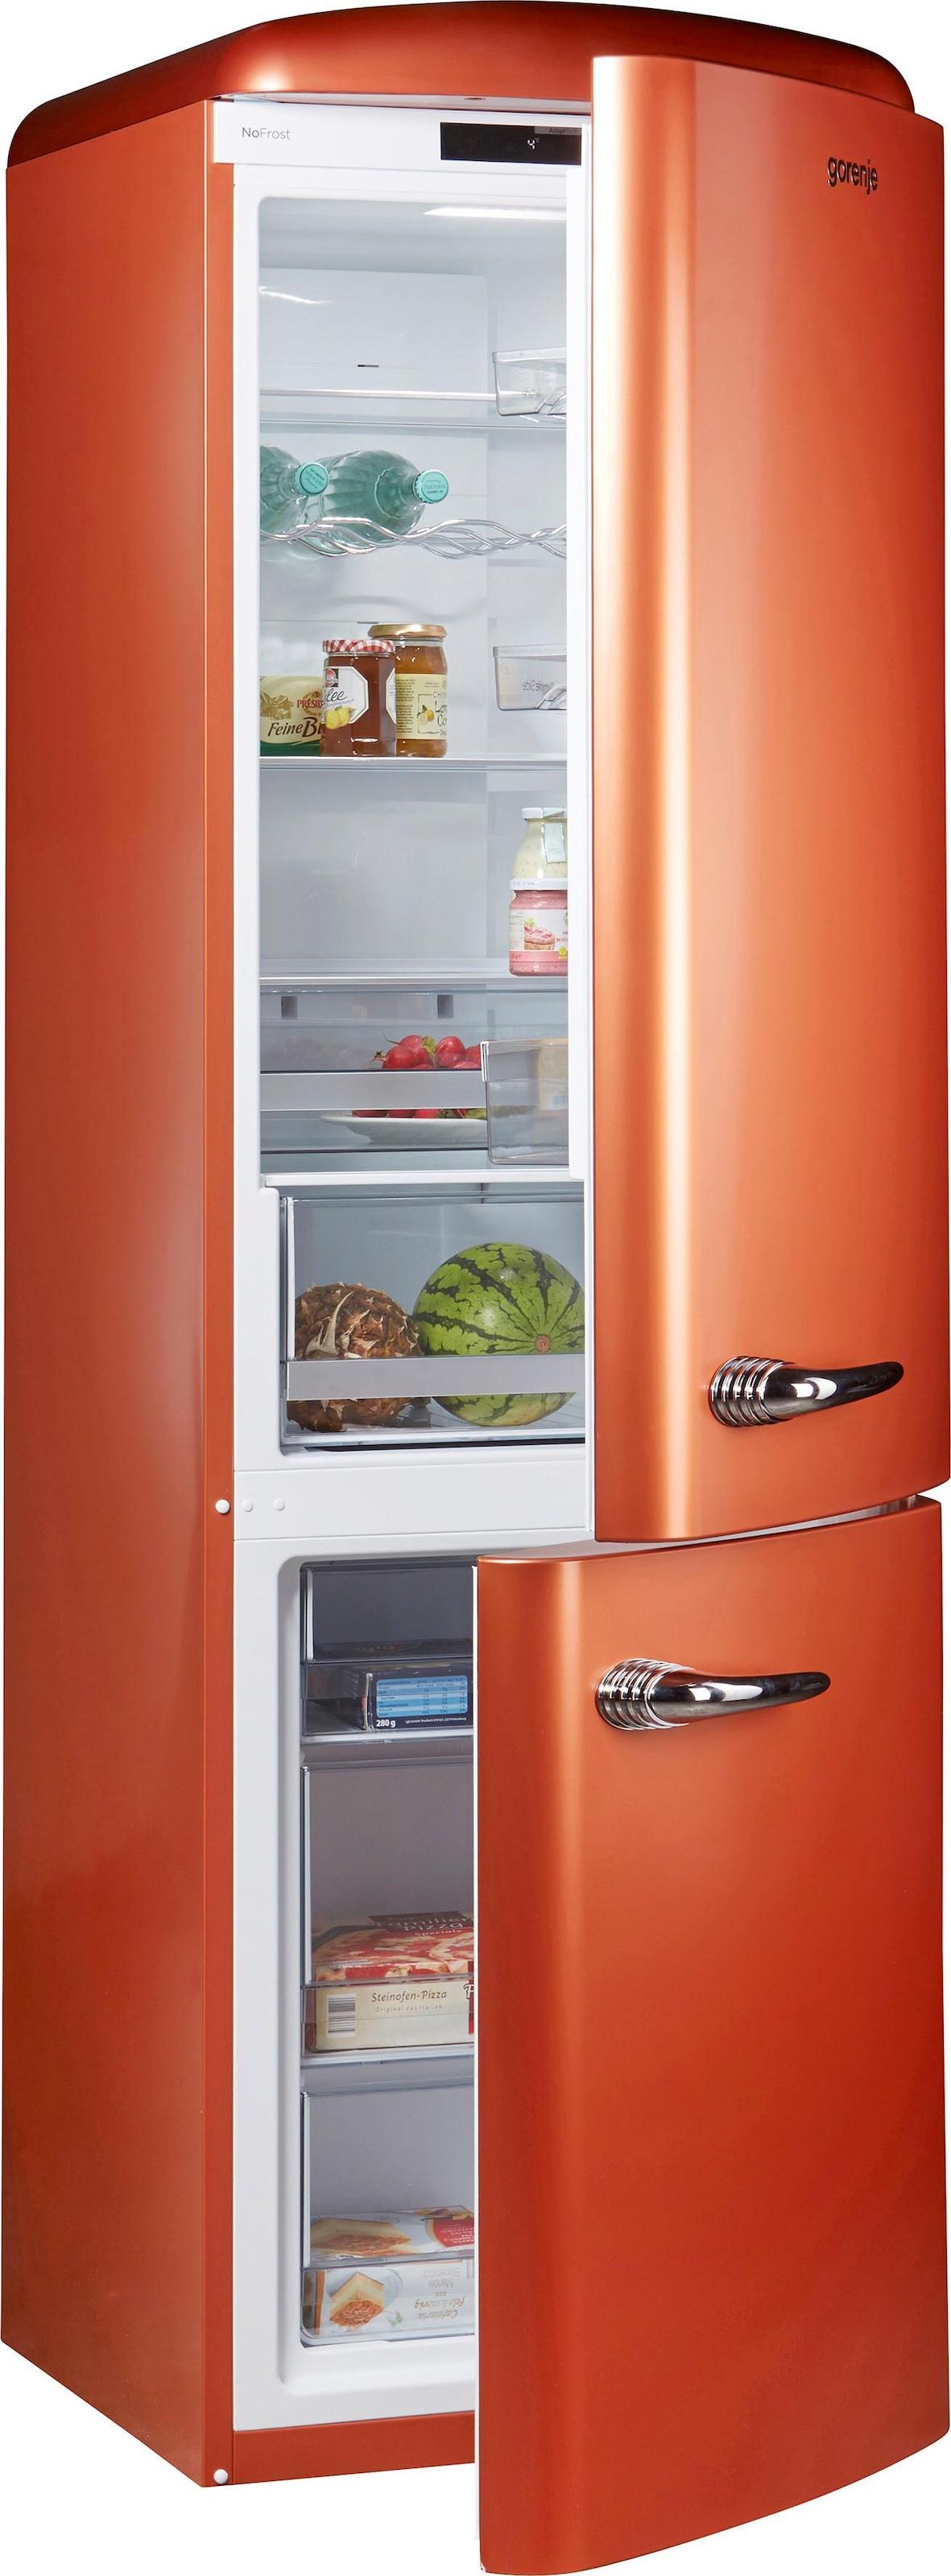 Gorenje Kühlschrank Retro Grün : Retro kühlschränke auf rechnung raten kaufen baur